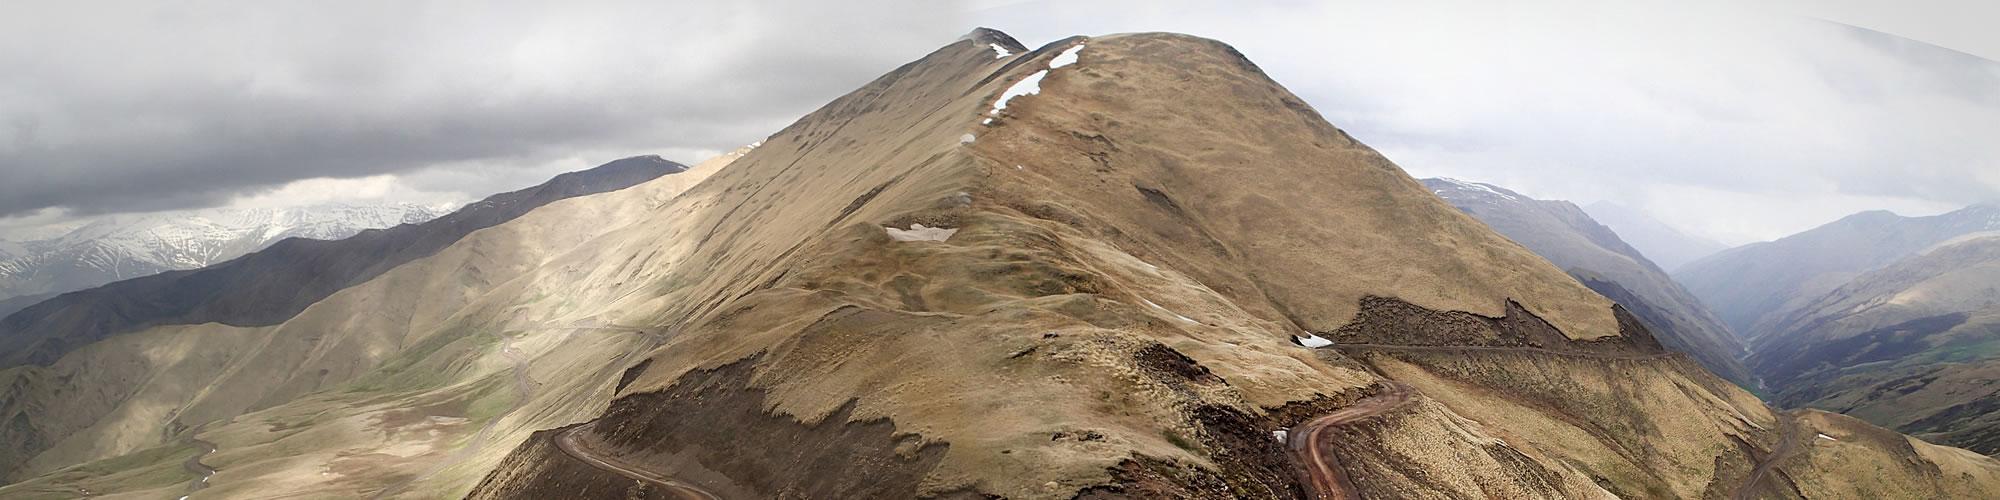 gruzie-panorama-03